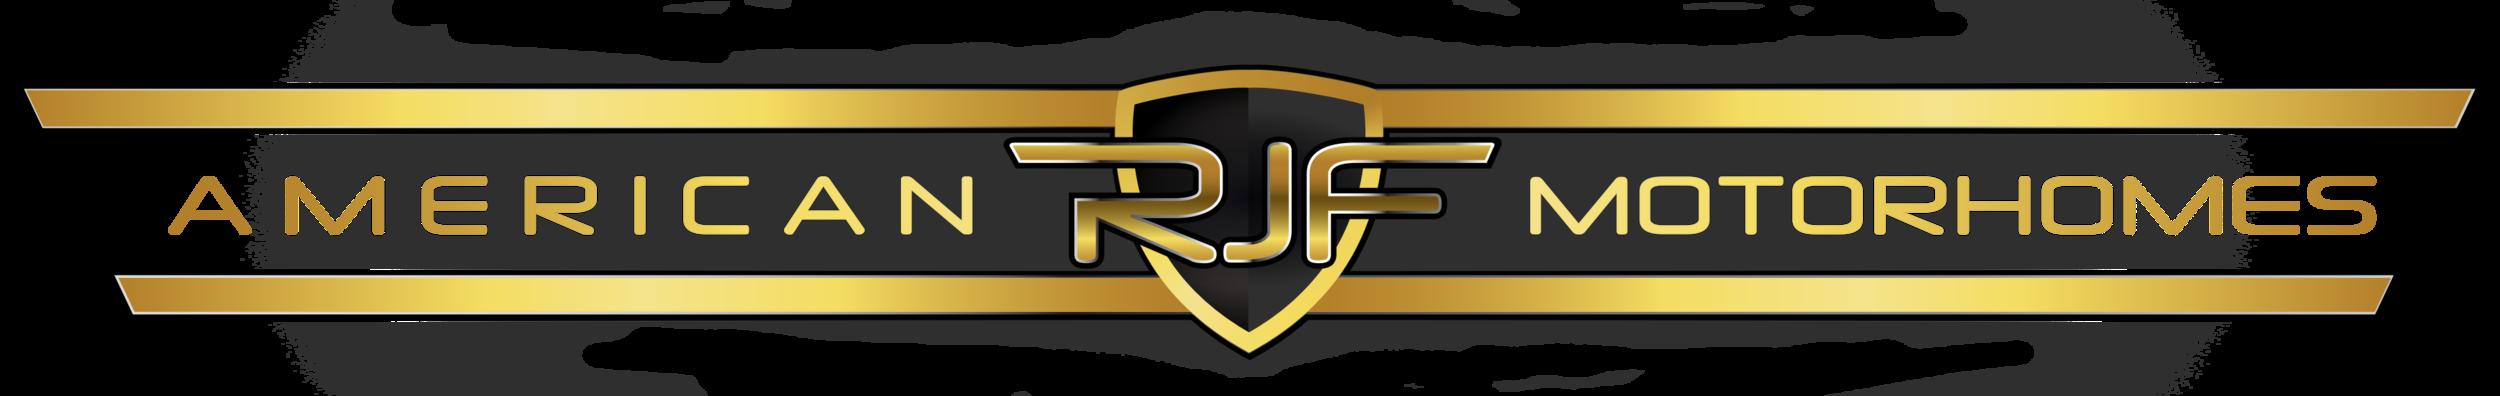 rjf-american-motorhomes-logo.png